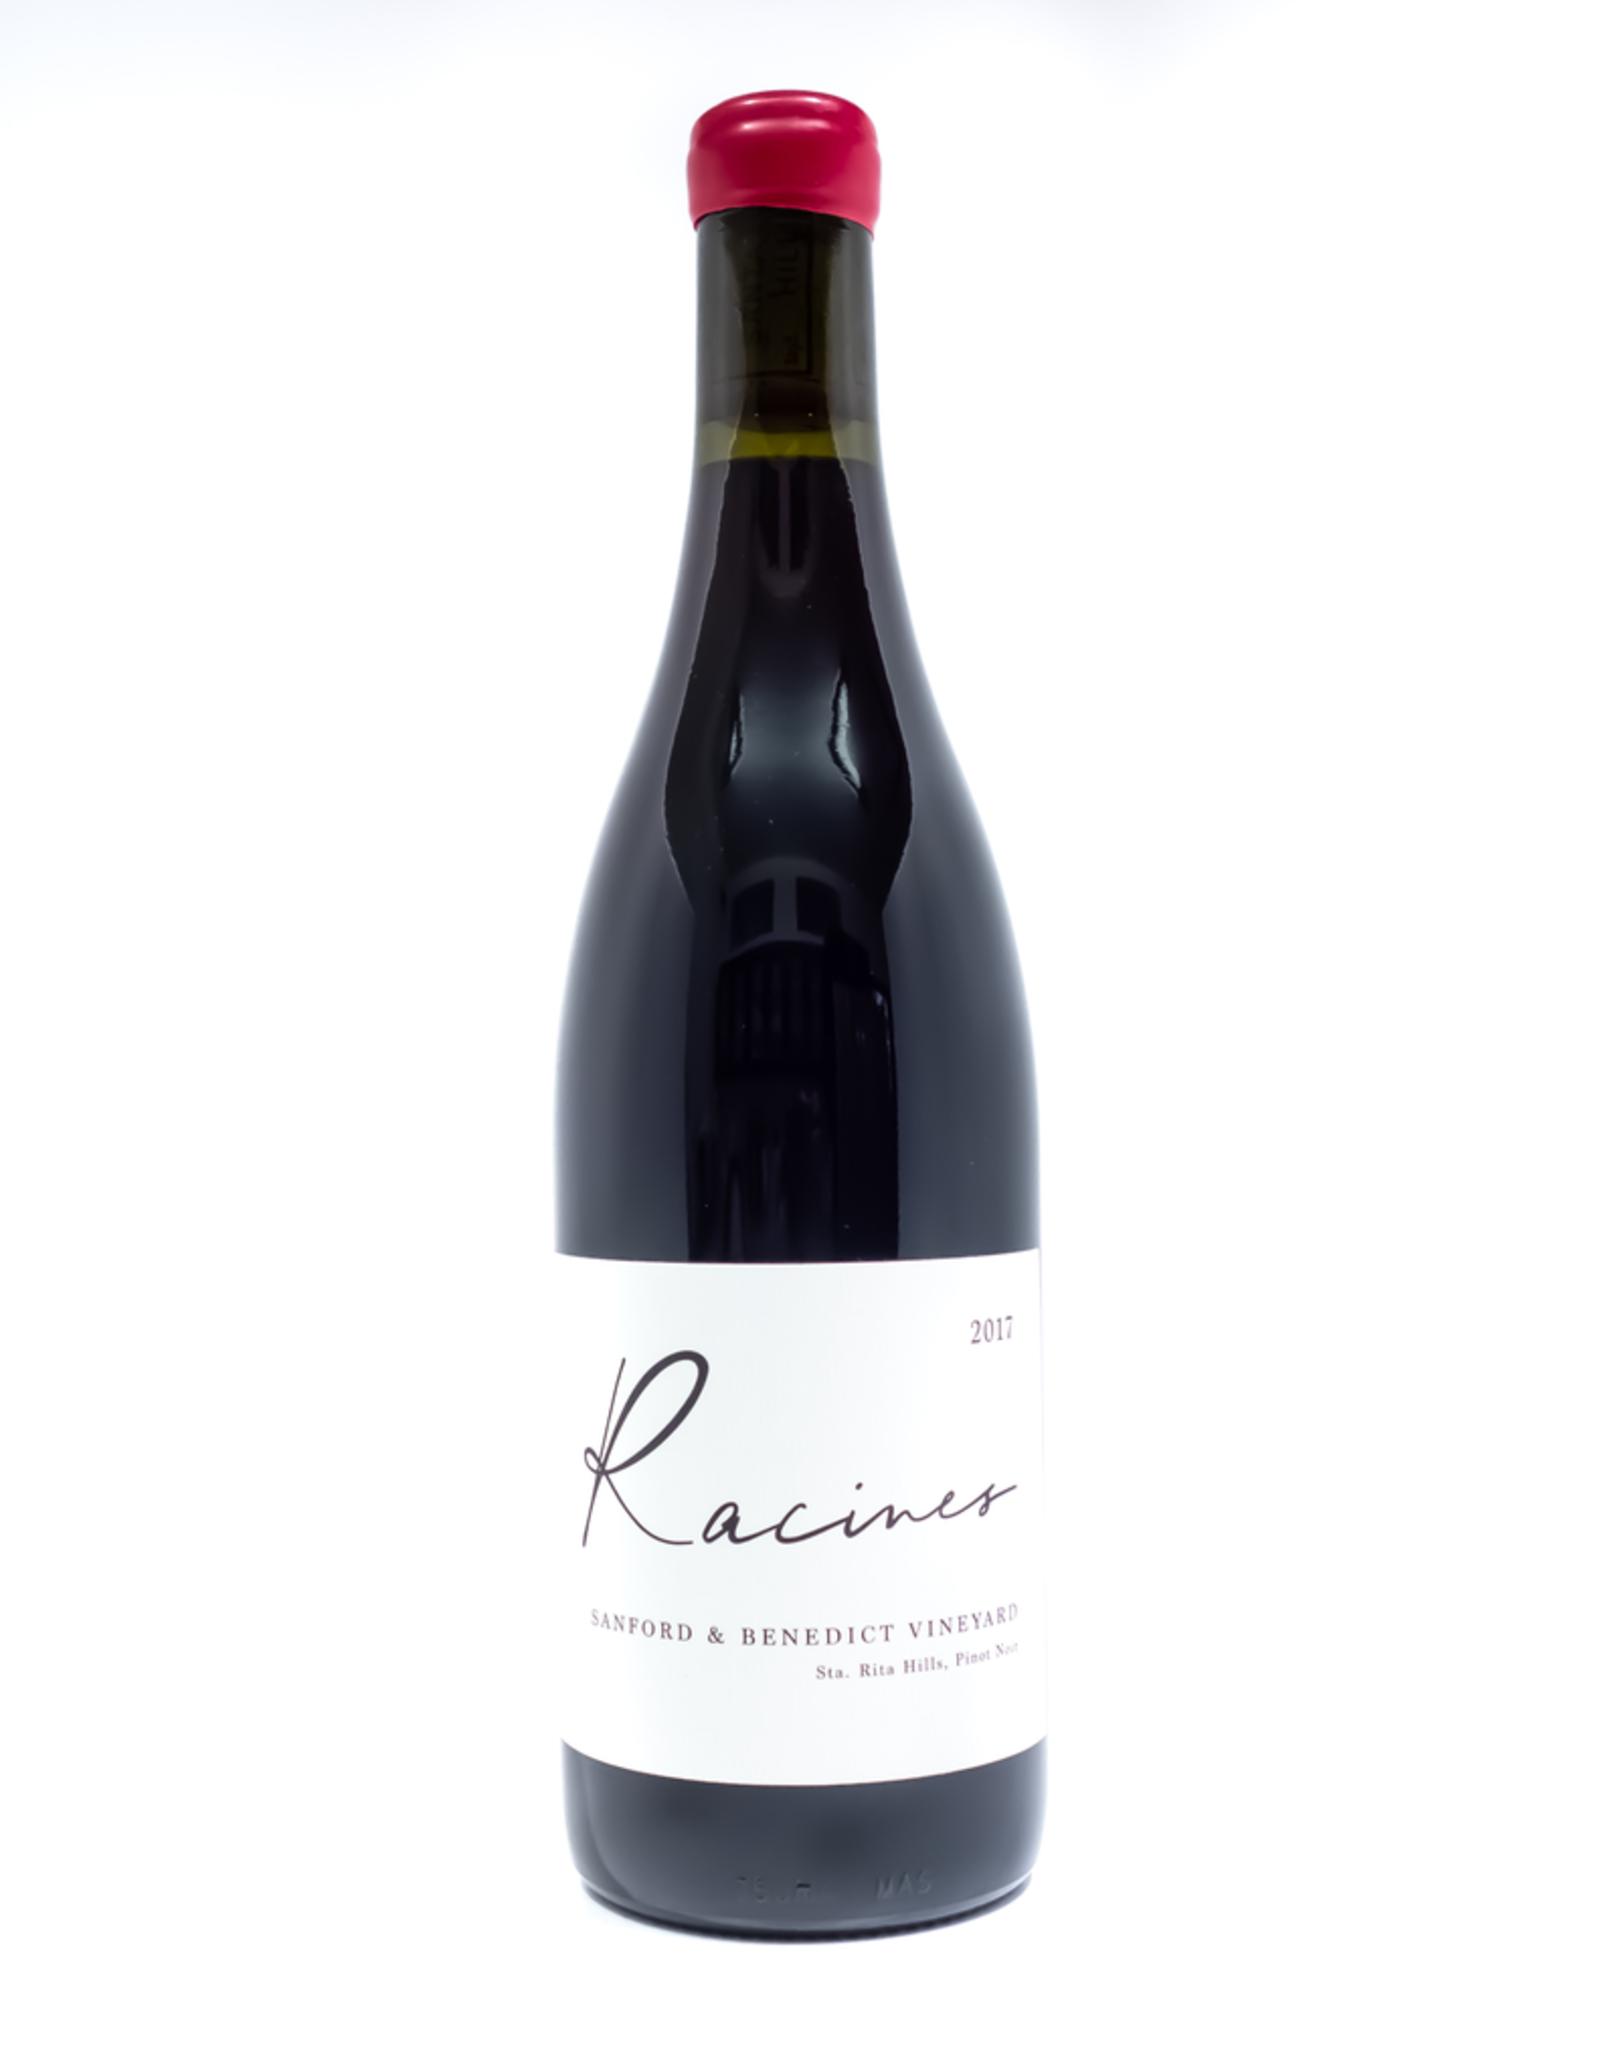 Wine-Red-Lush Racines Wine Pinot Noir Sanford & Benedict Vineyard Sta. Rita Hills 2017